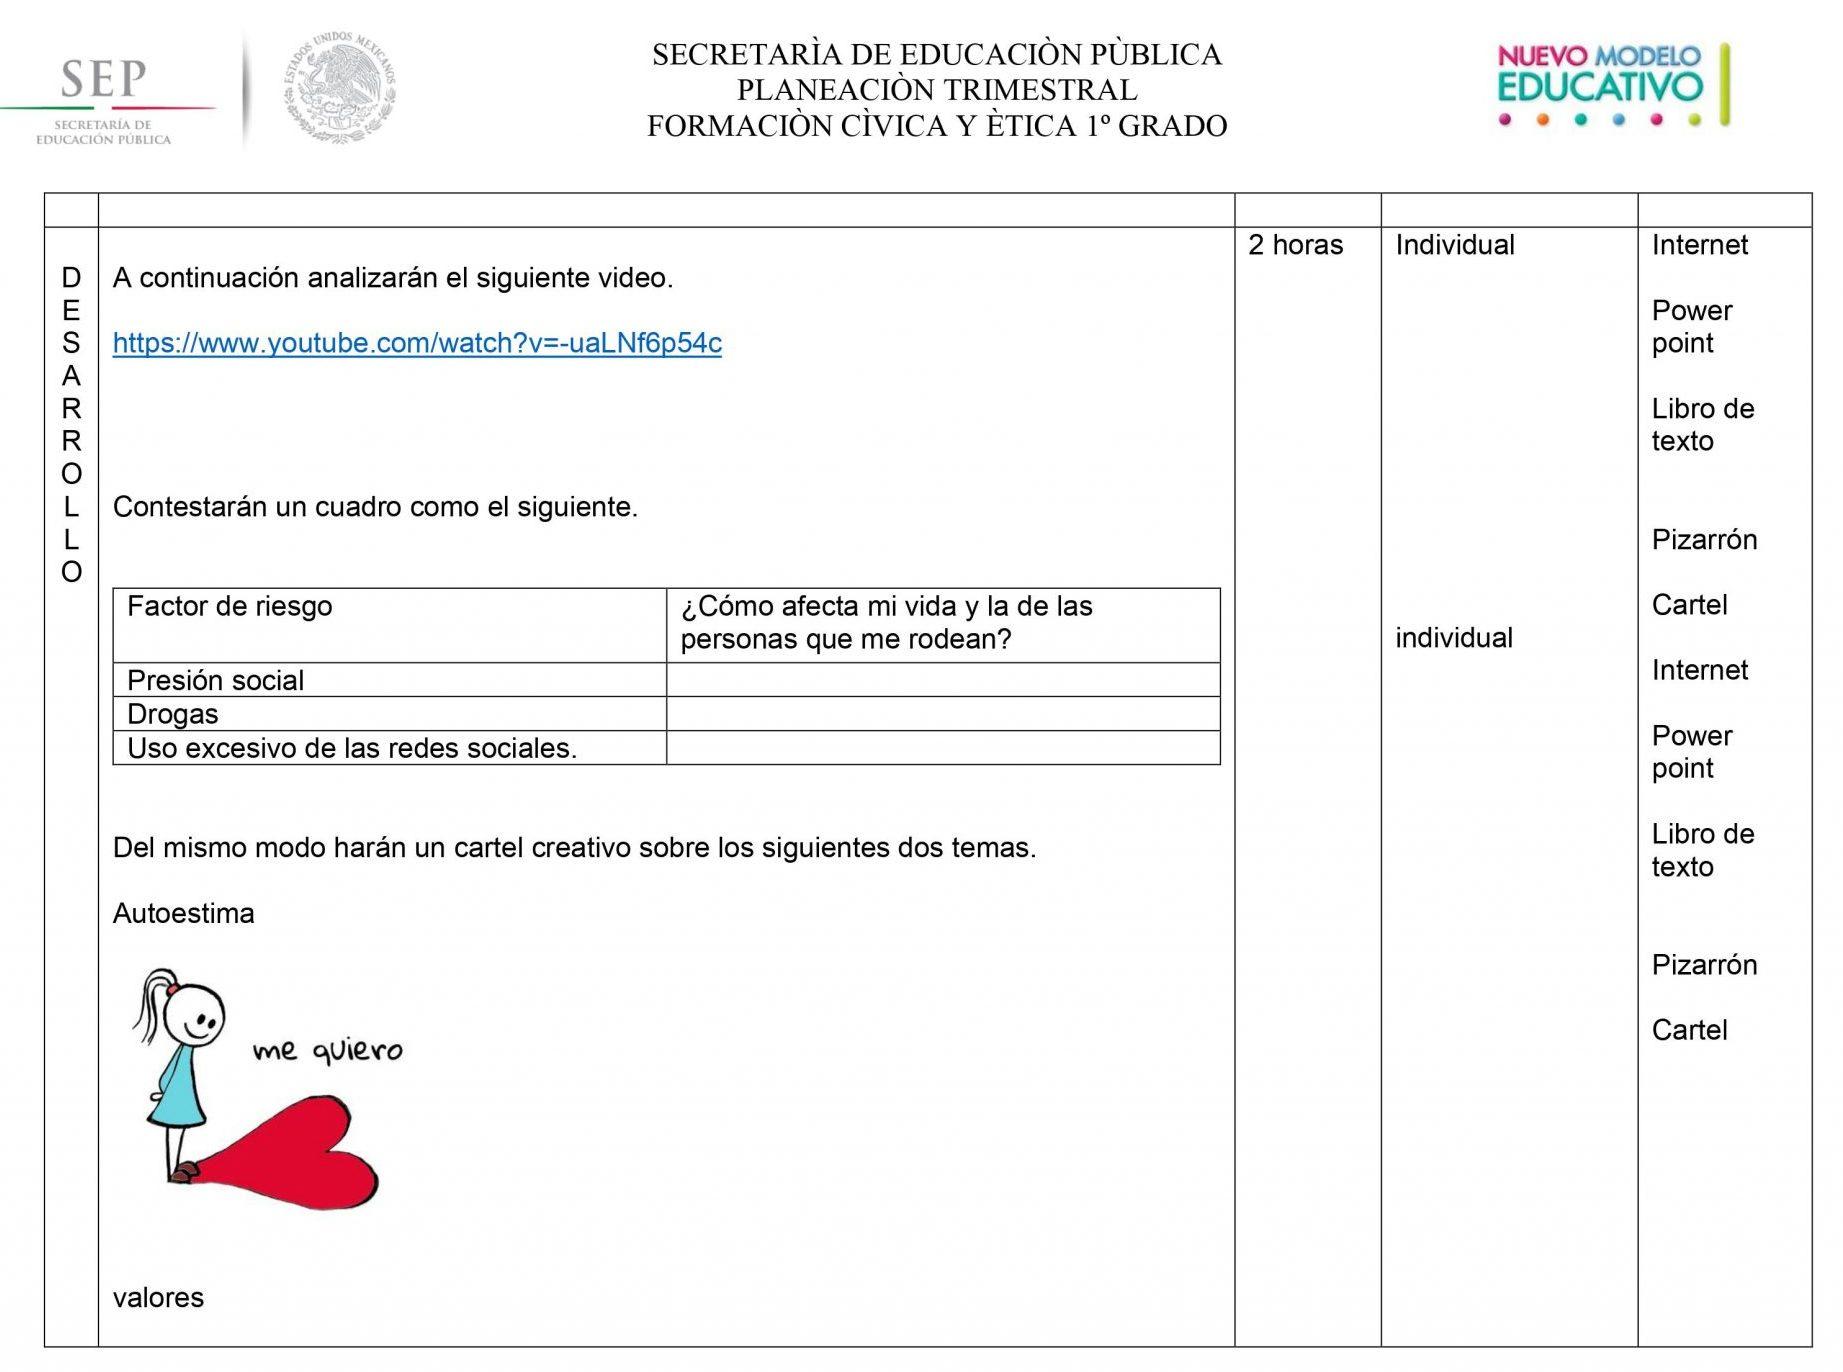 Planeaciones Formacion Civica y Etica 1 Secundaria (Nuevo Modelo Educativo) 03